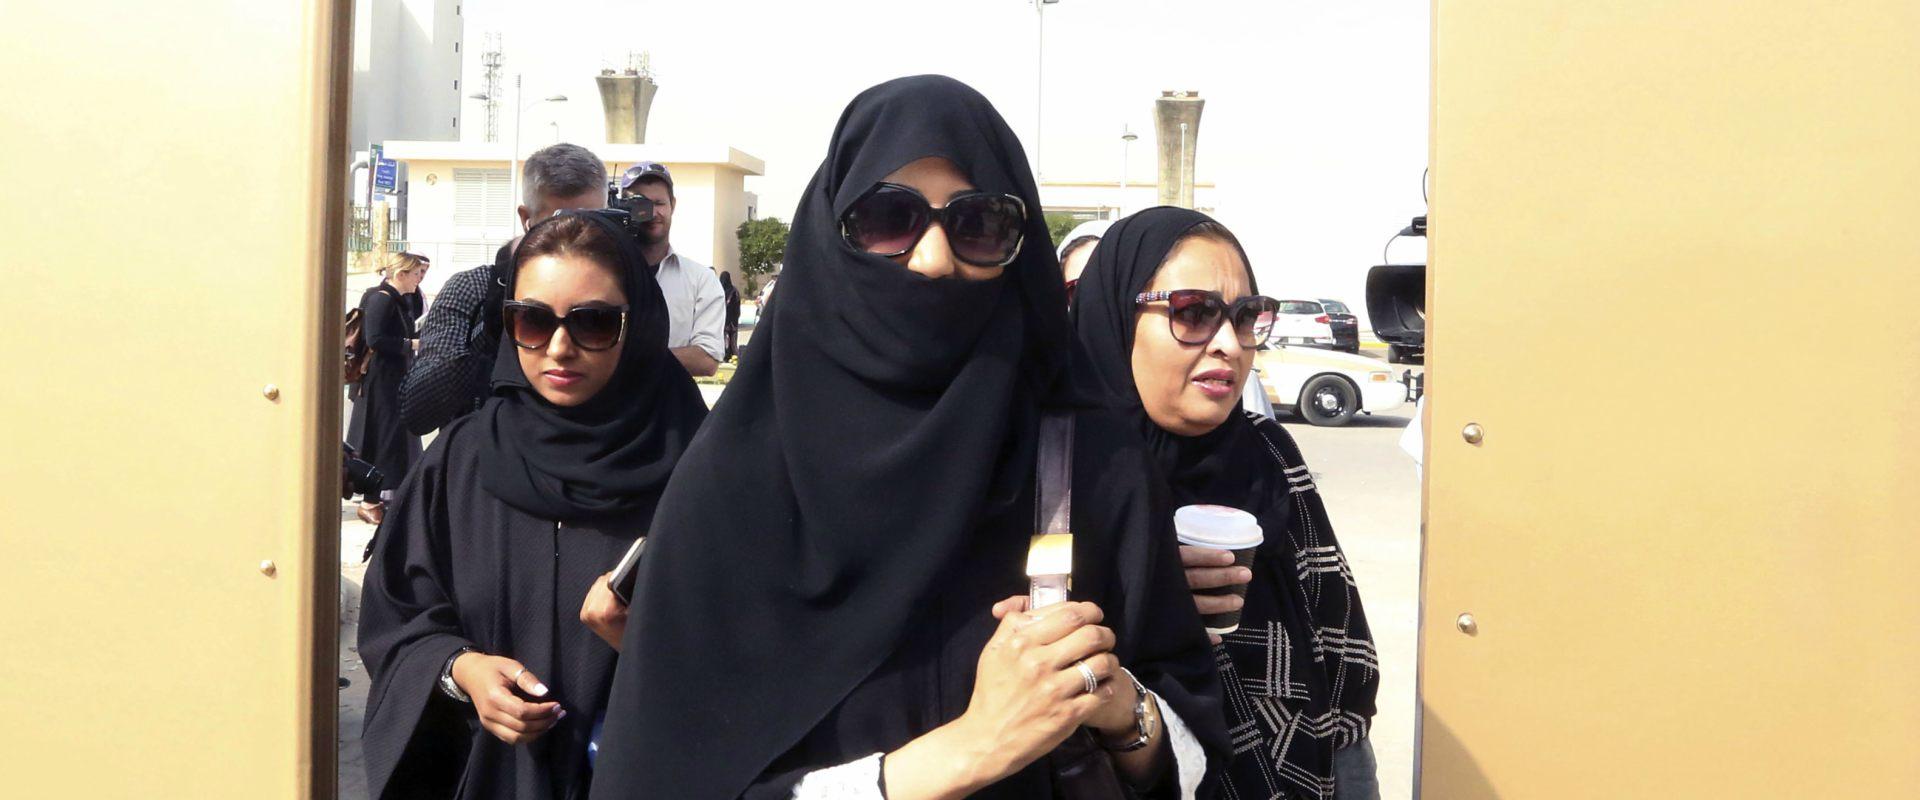 נשים מצביעות בבחירות בריאד